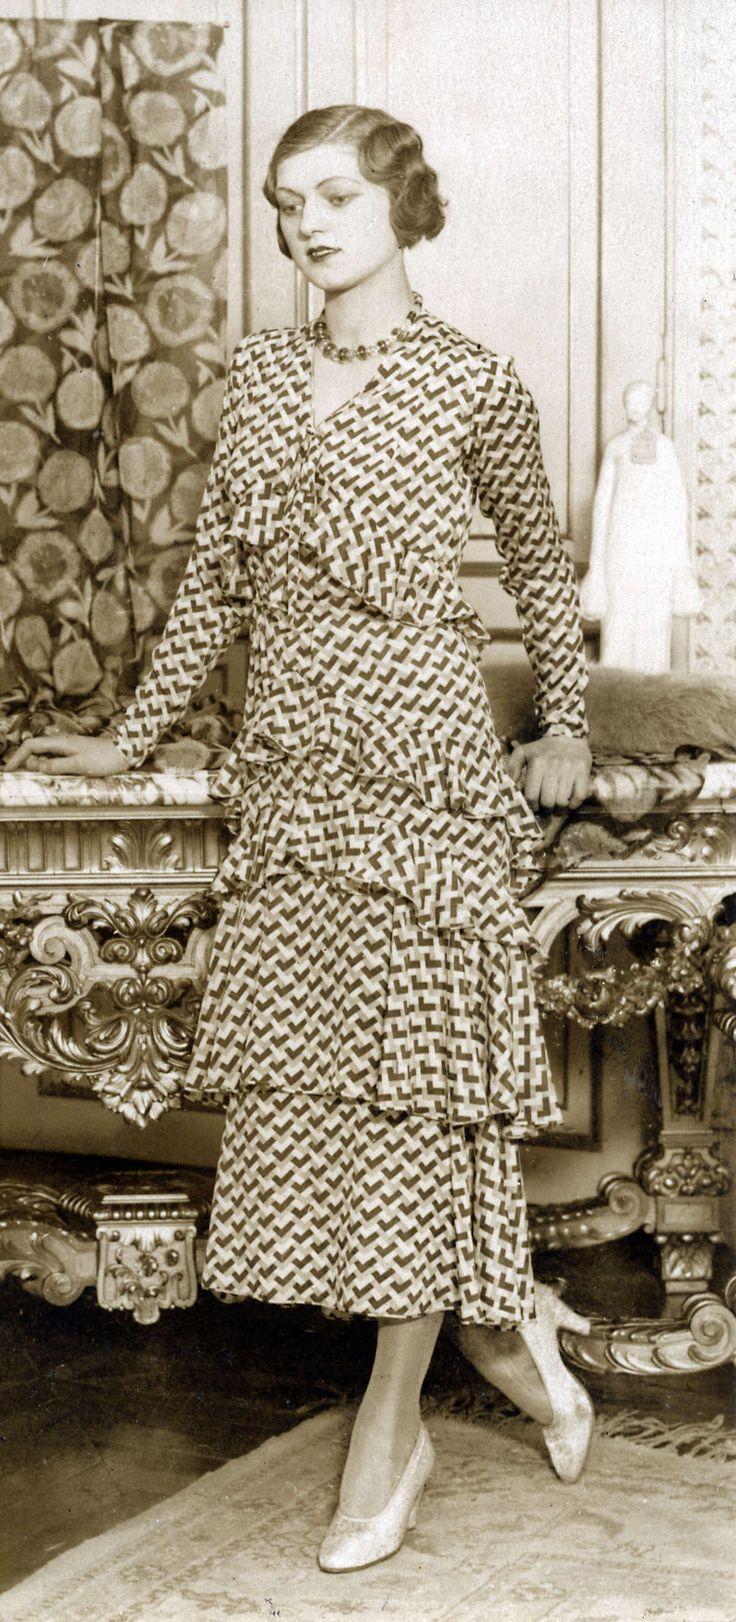 14-11-11  Damesmode. Mode van de Parijse ontwerper Paquin. Lange jurk in over elkaar vallende lagen met stroken en blokjesmotief. De titel die deze creatie meekreeg was 'Garden party'. Parijs, Frankrijk, 1930.